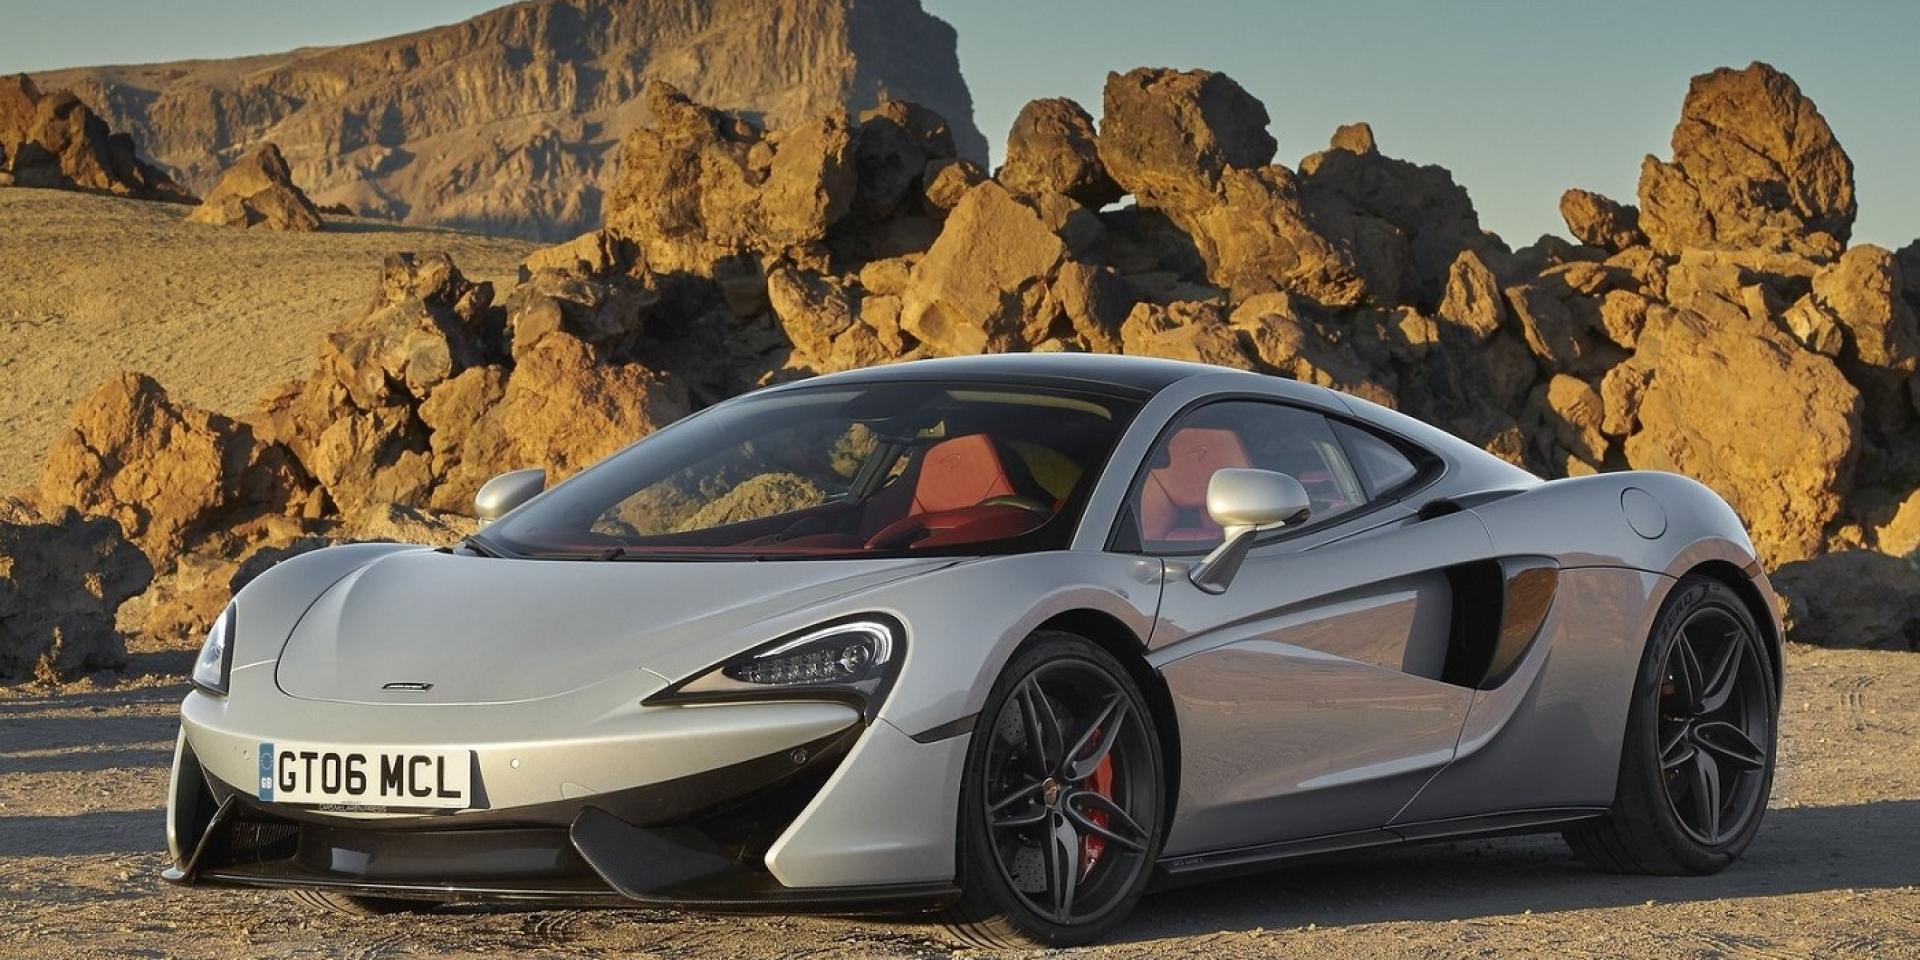 McLaren國外多款車召回,國內等待原廠通知